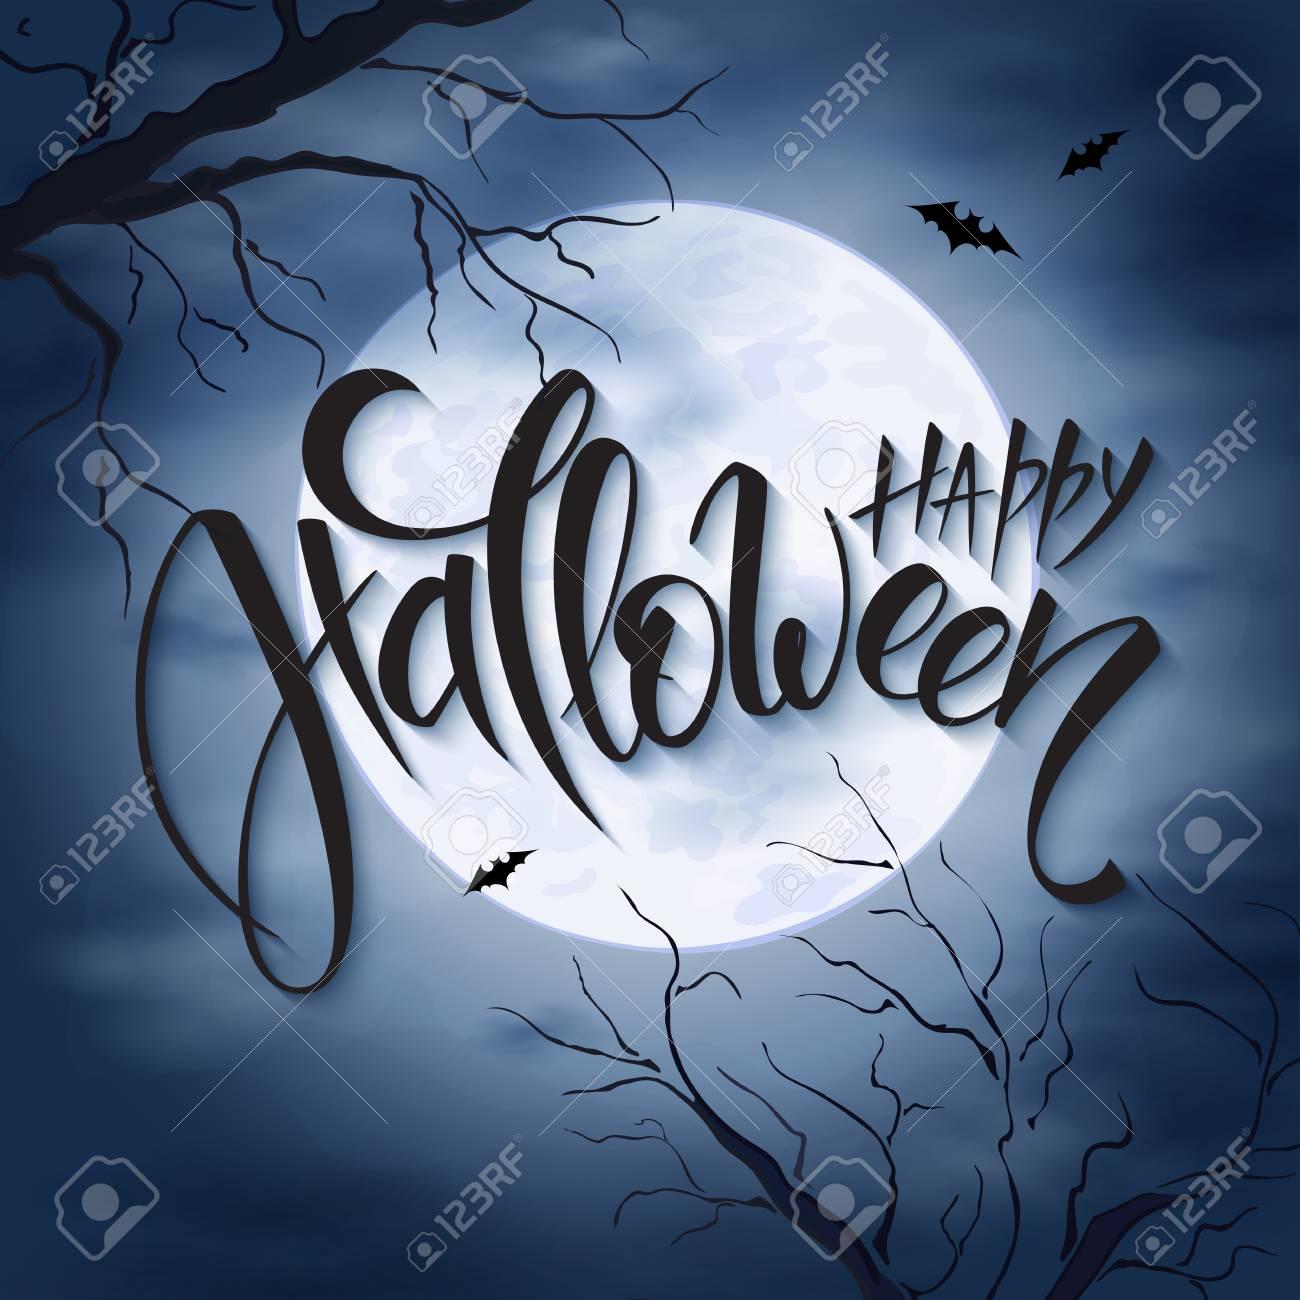 poster vecteur halloween avec les salutations de lettrage à la main